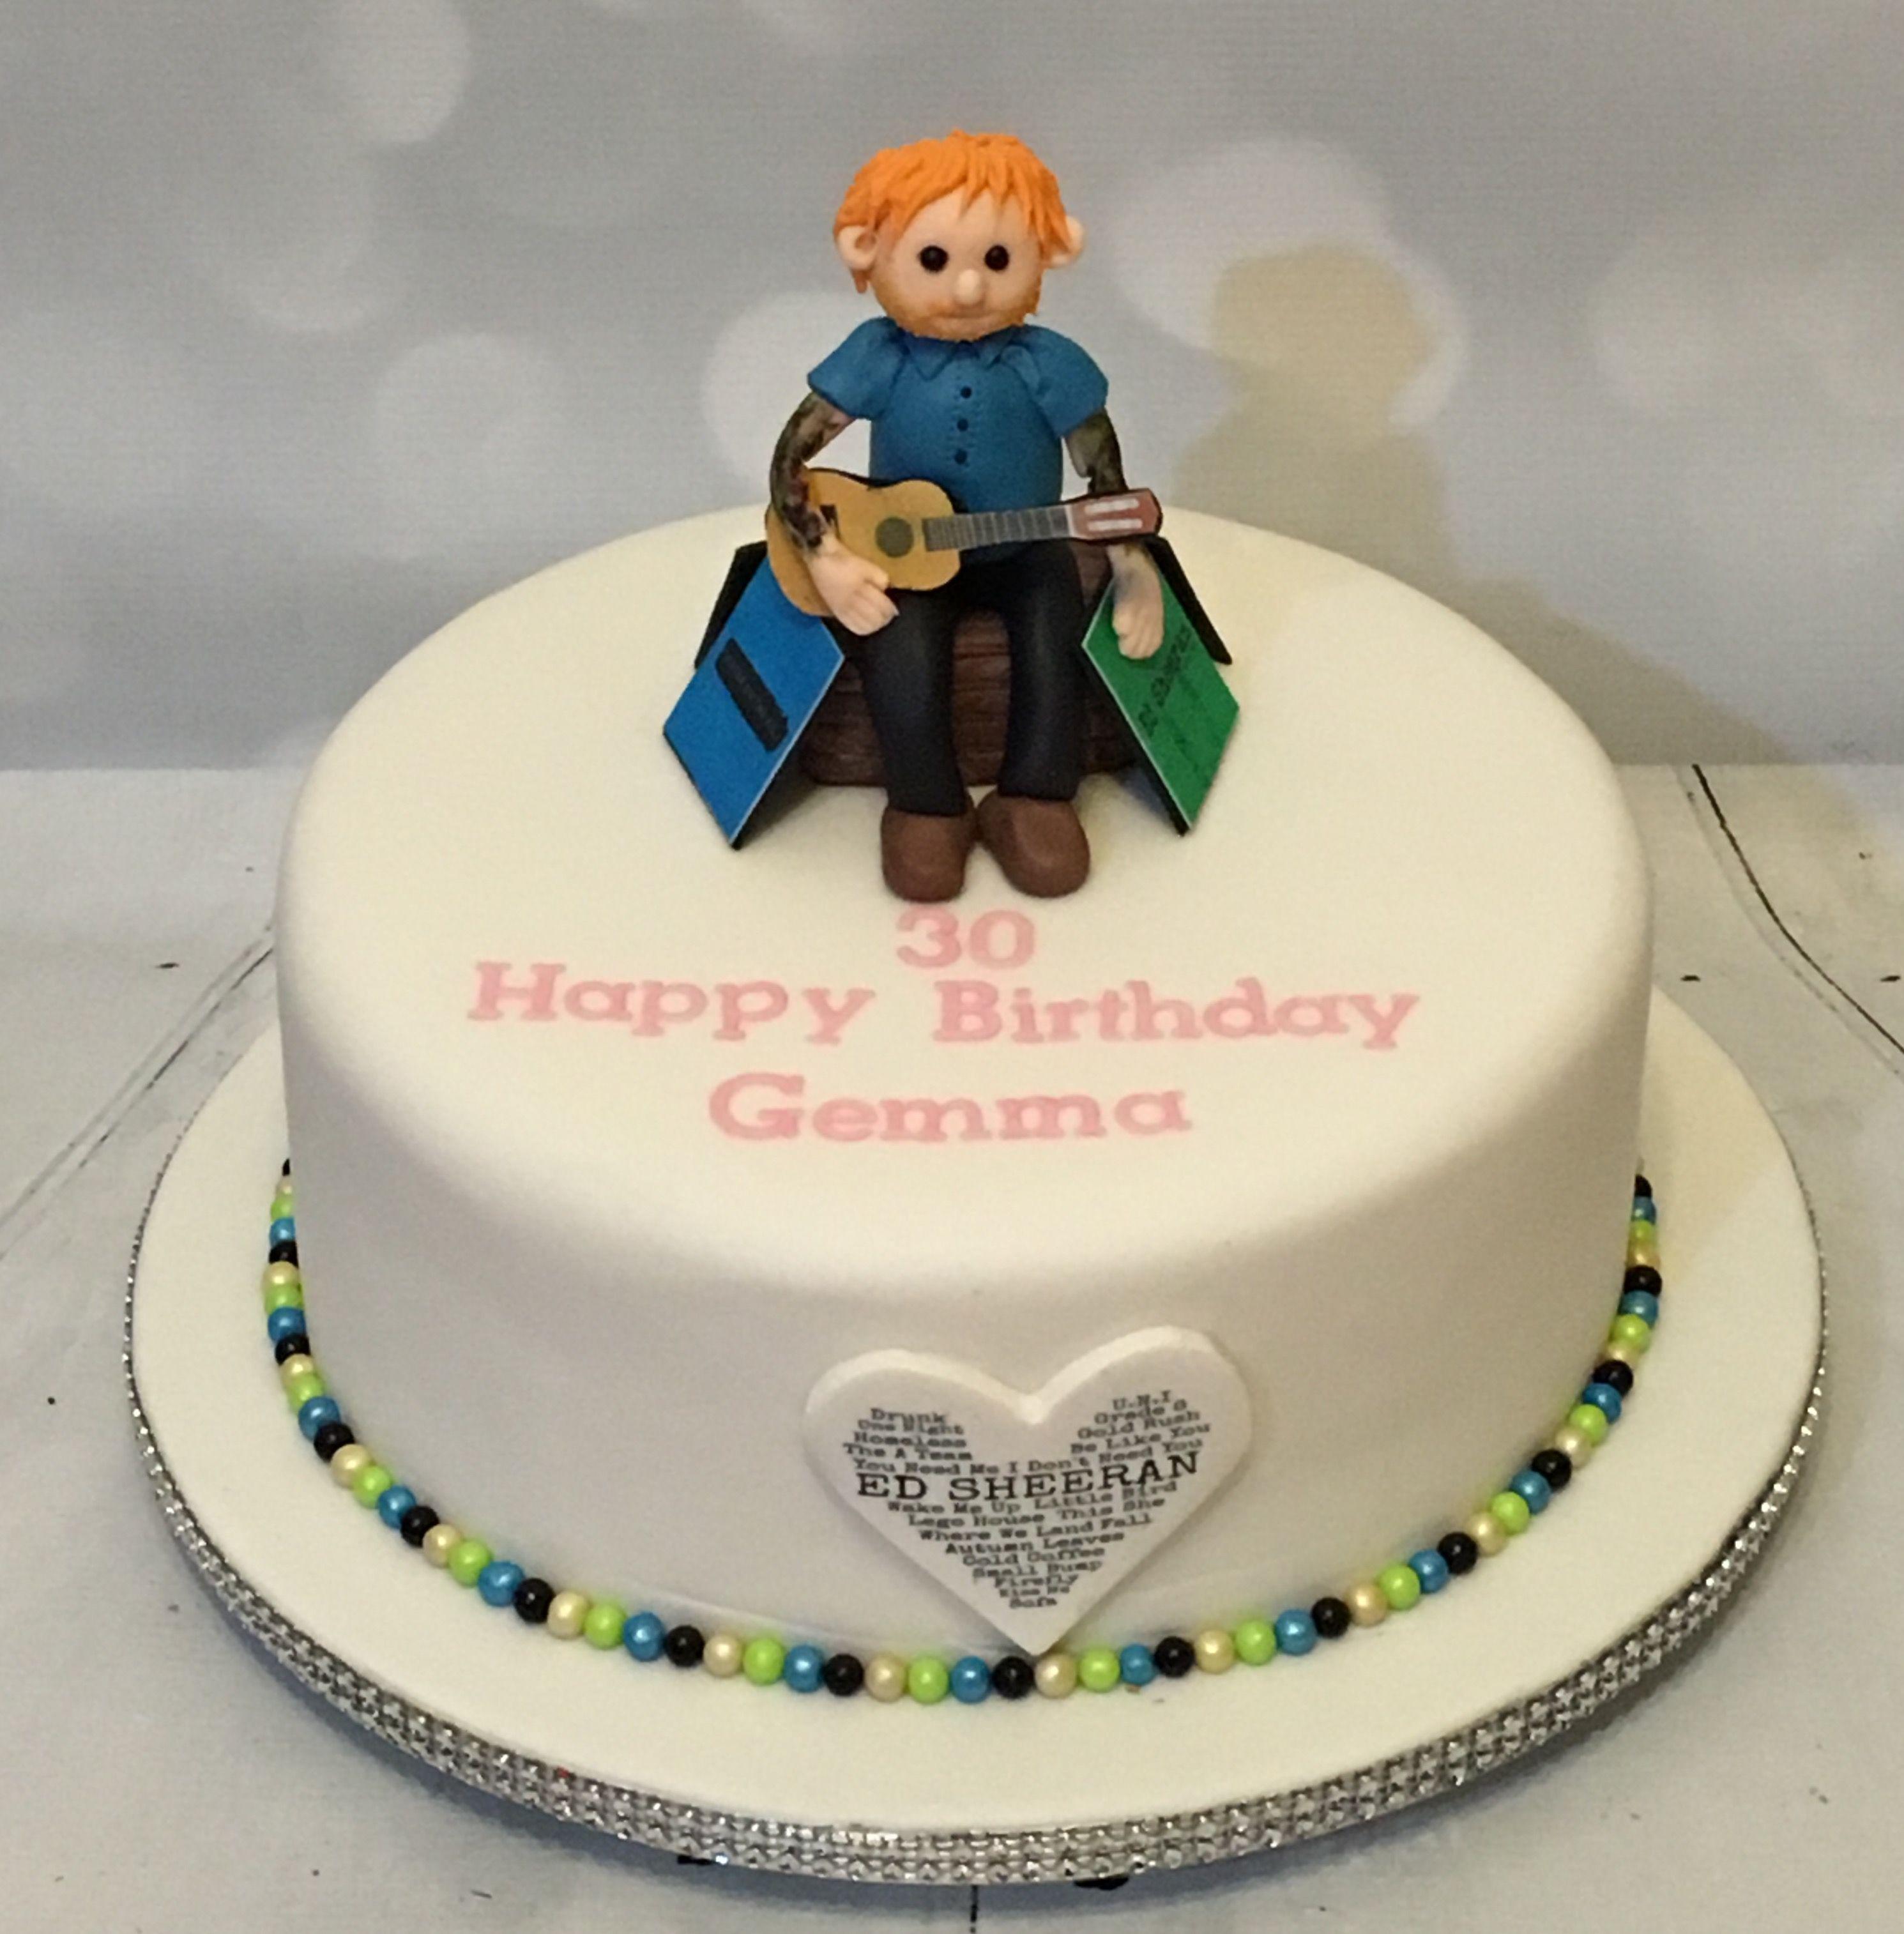 Ed Sheeran Birthday Cake